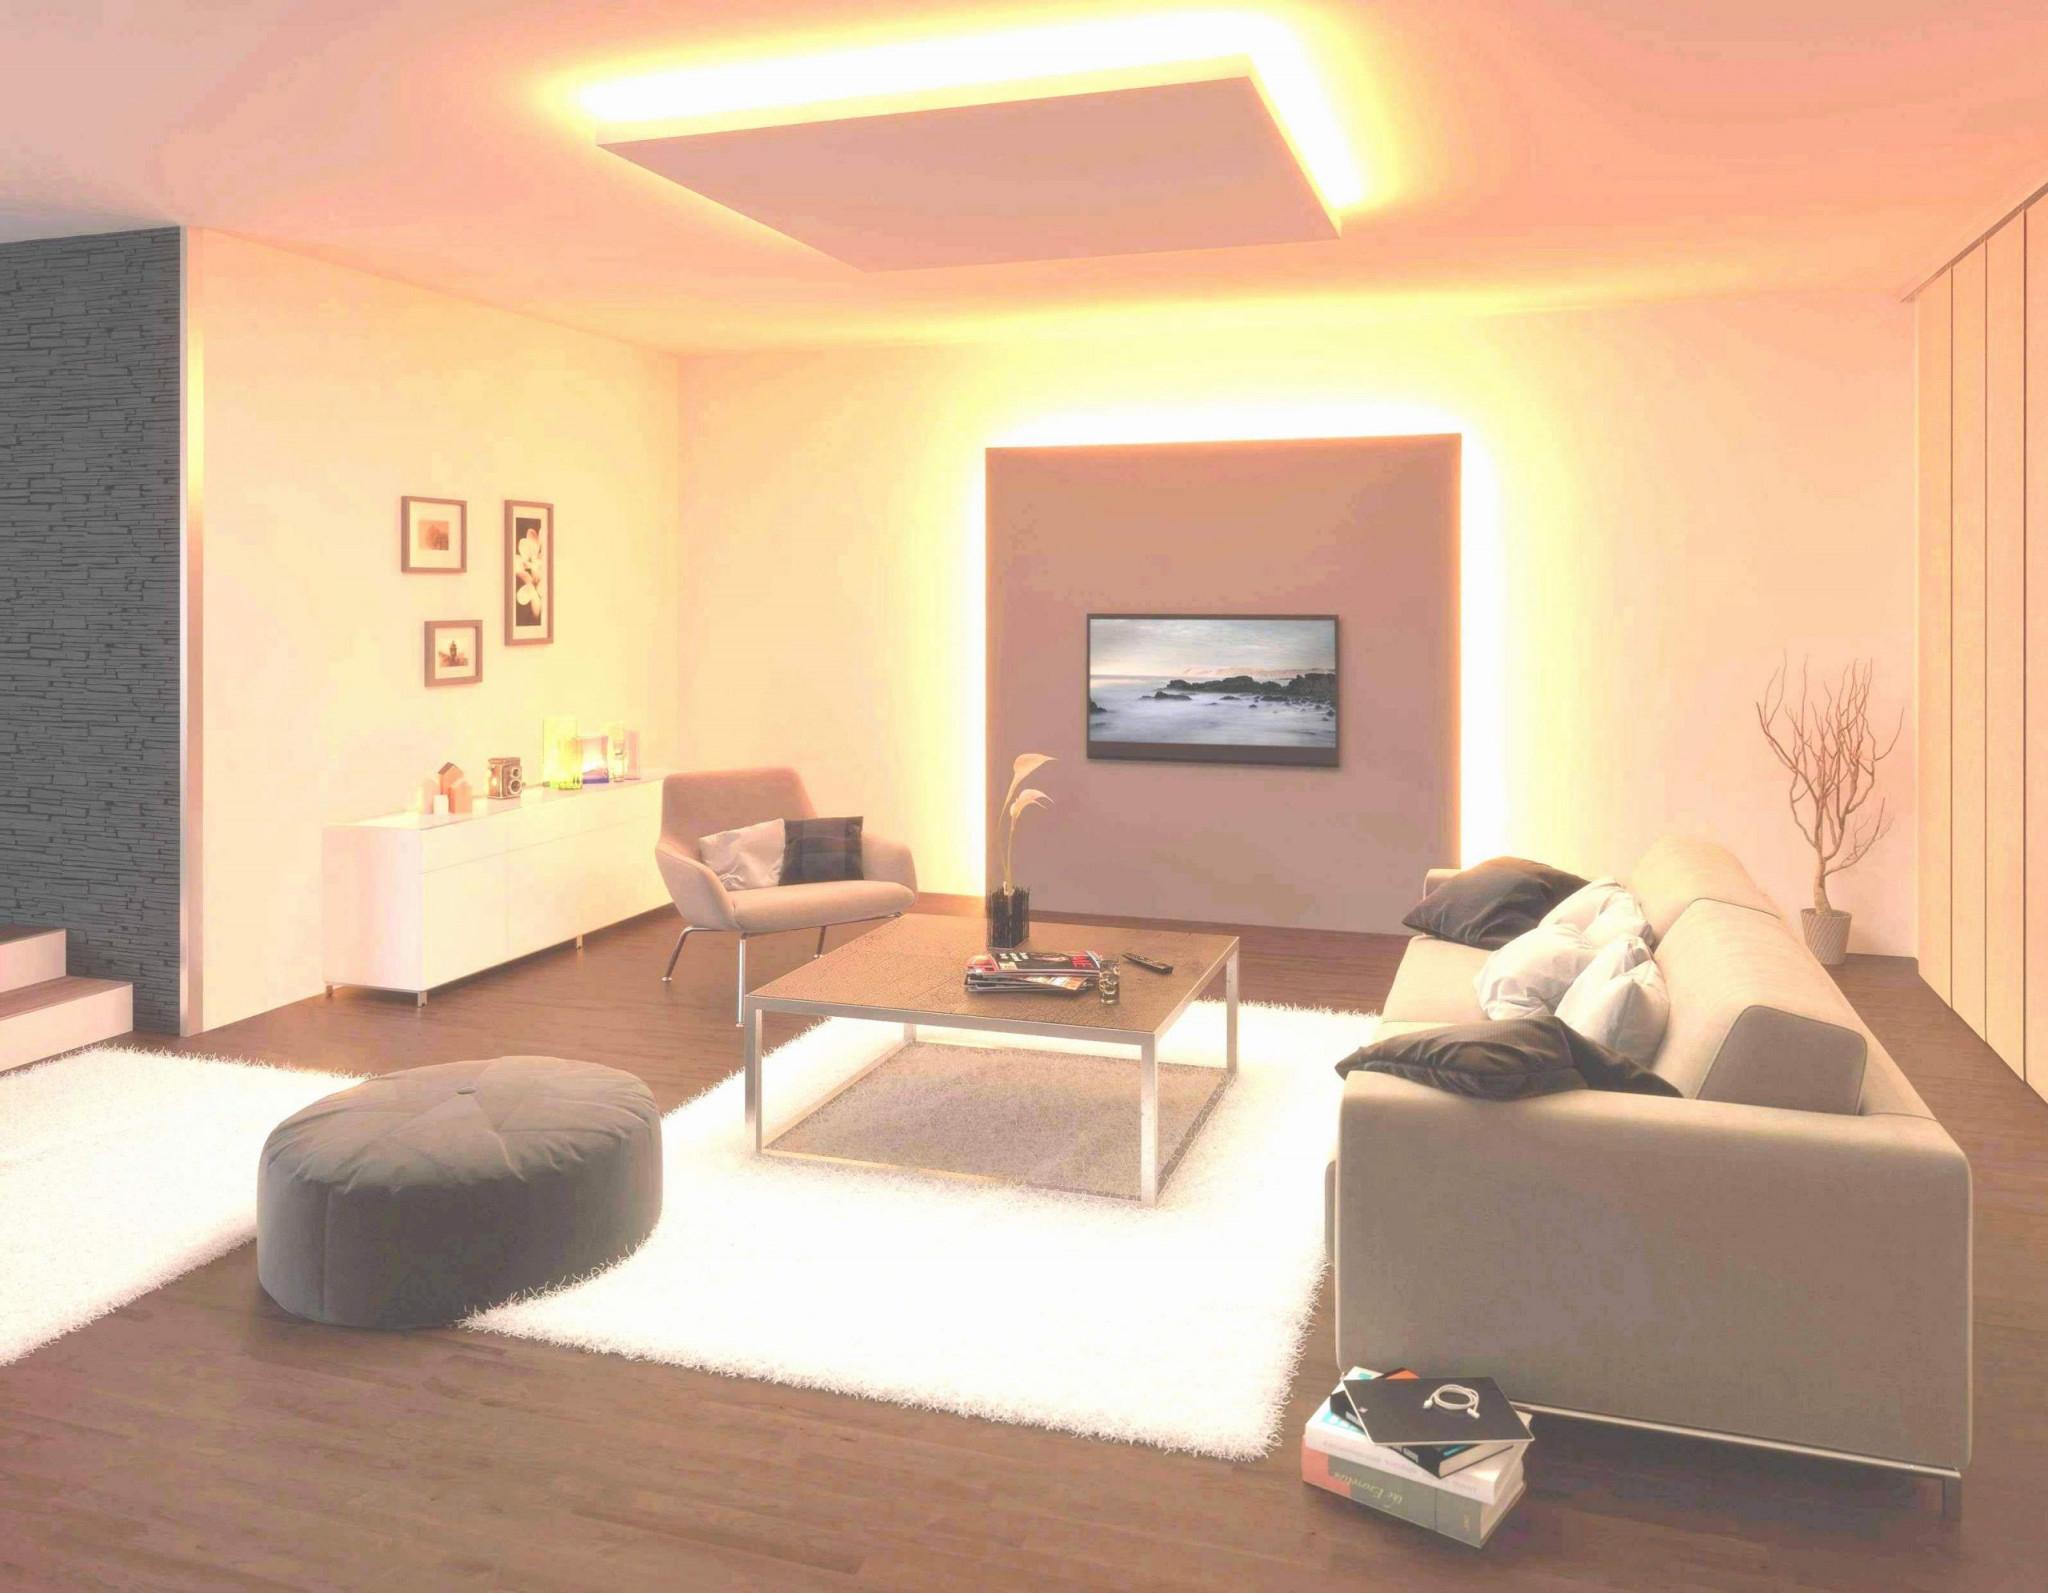 32 Das Beste Von Deckenleuchten Für Wohnzimmer Luxus von Große Deckenleuchte Wohnzimmer Bild